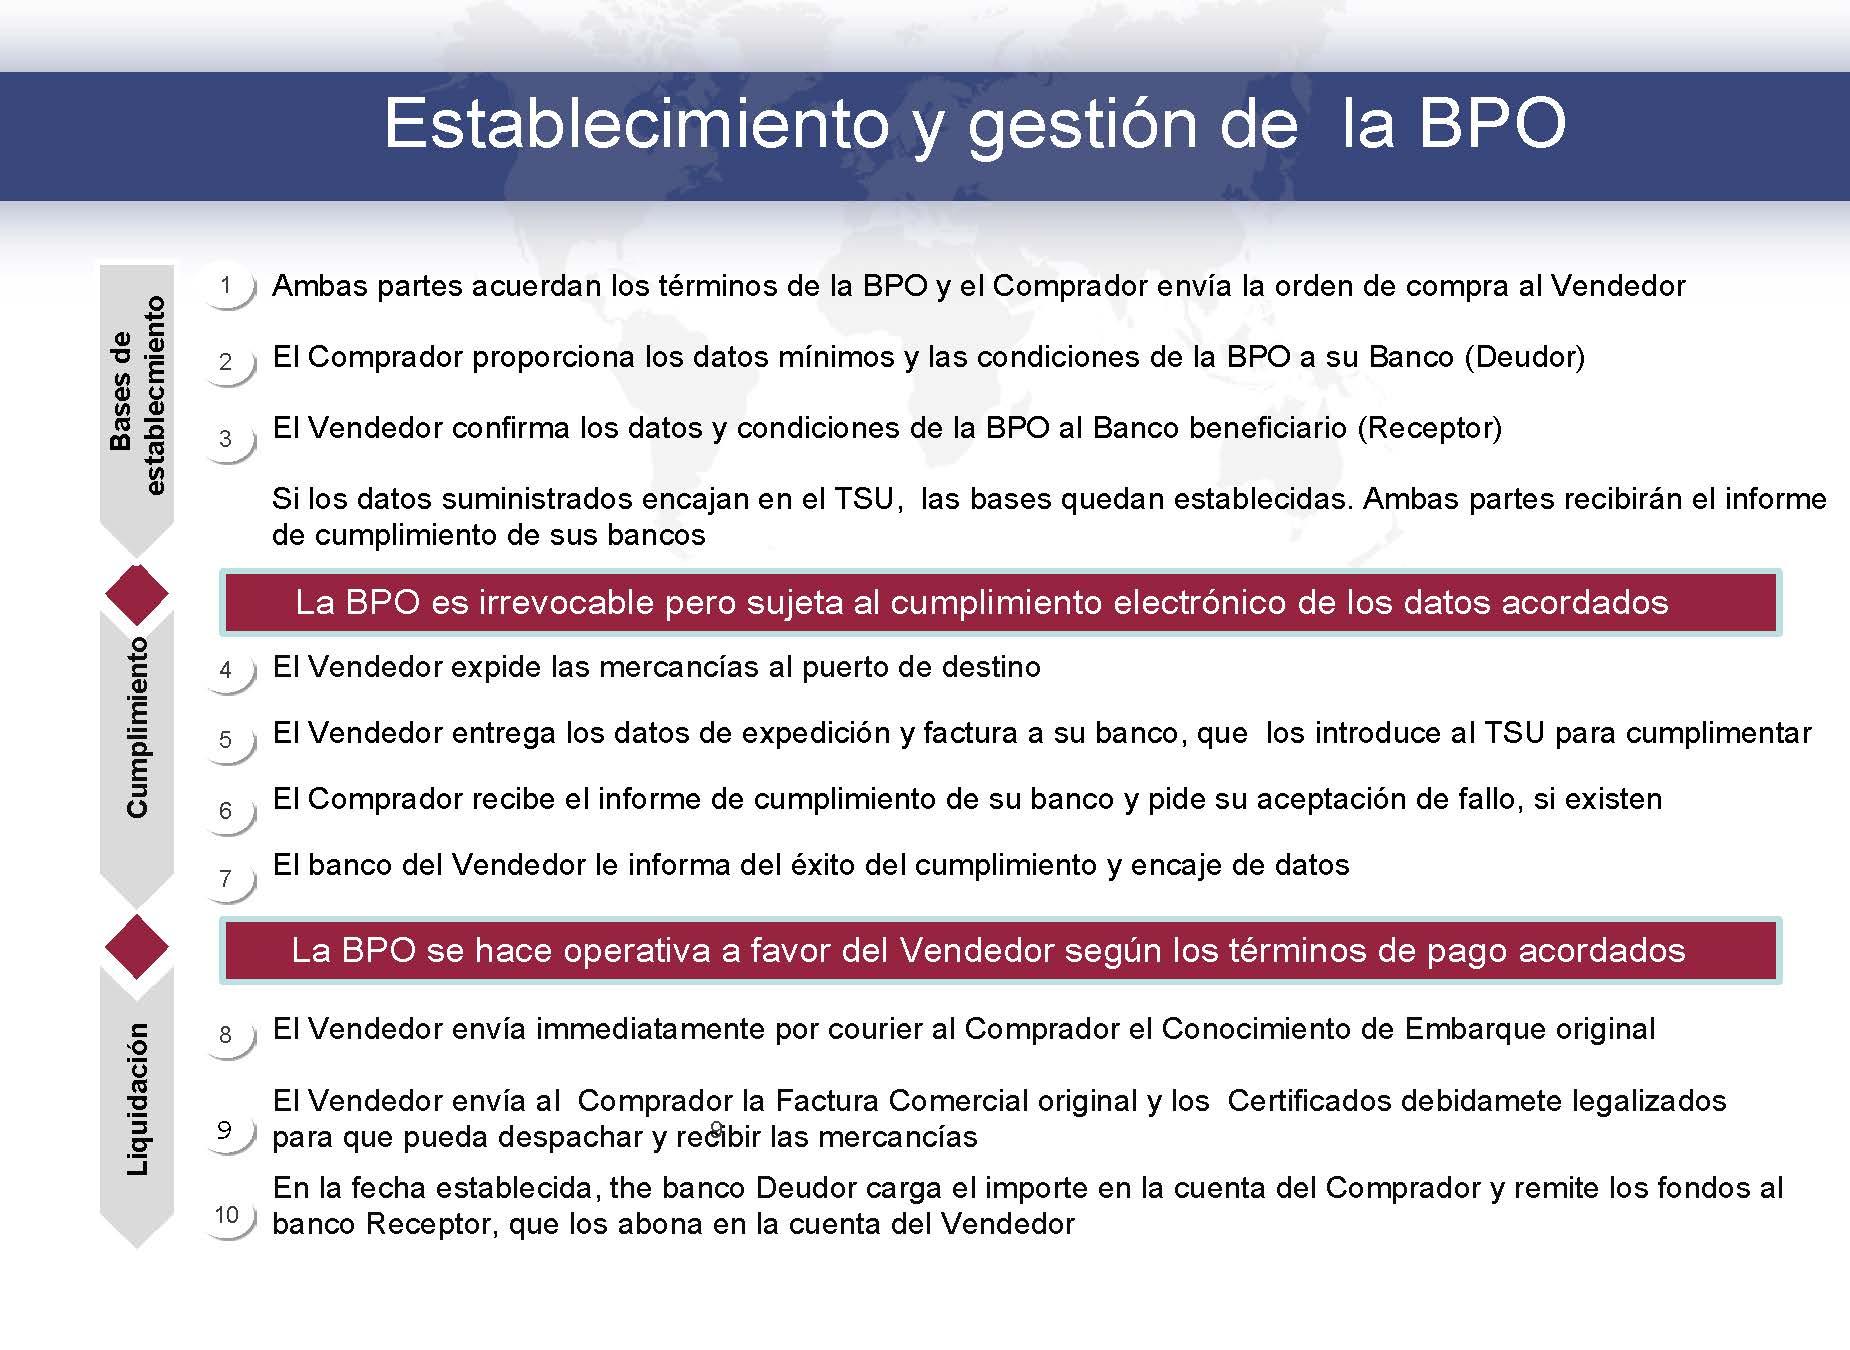 Página28 desdeEStablecimiento y gestión de la BPO